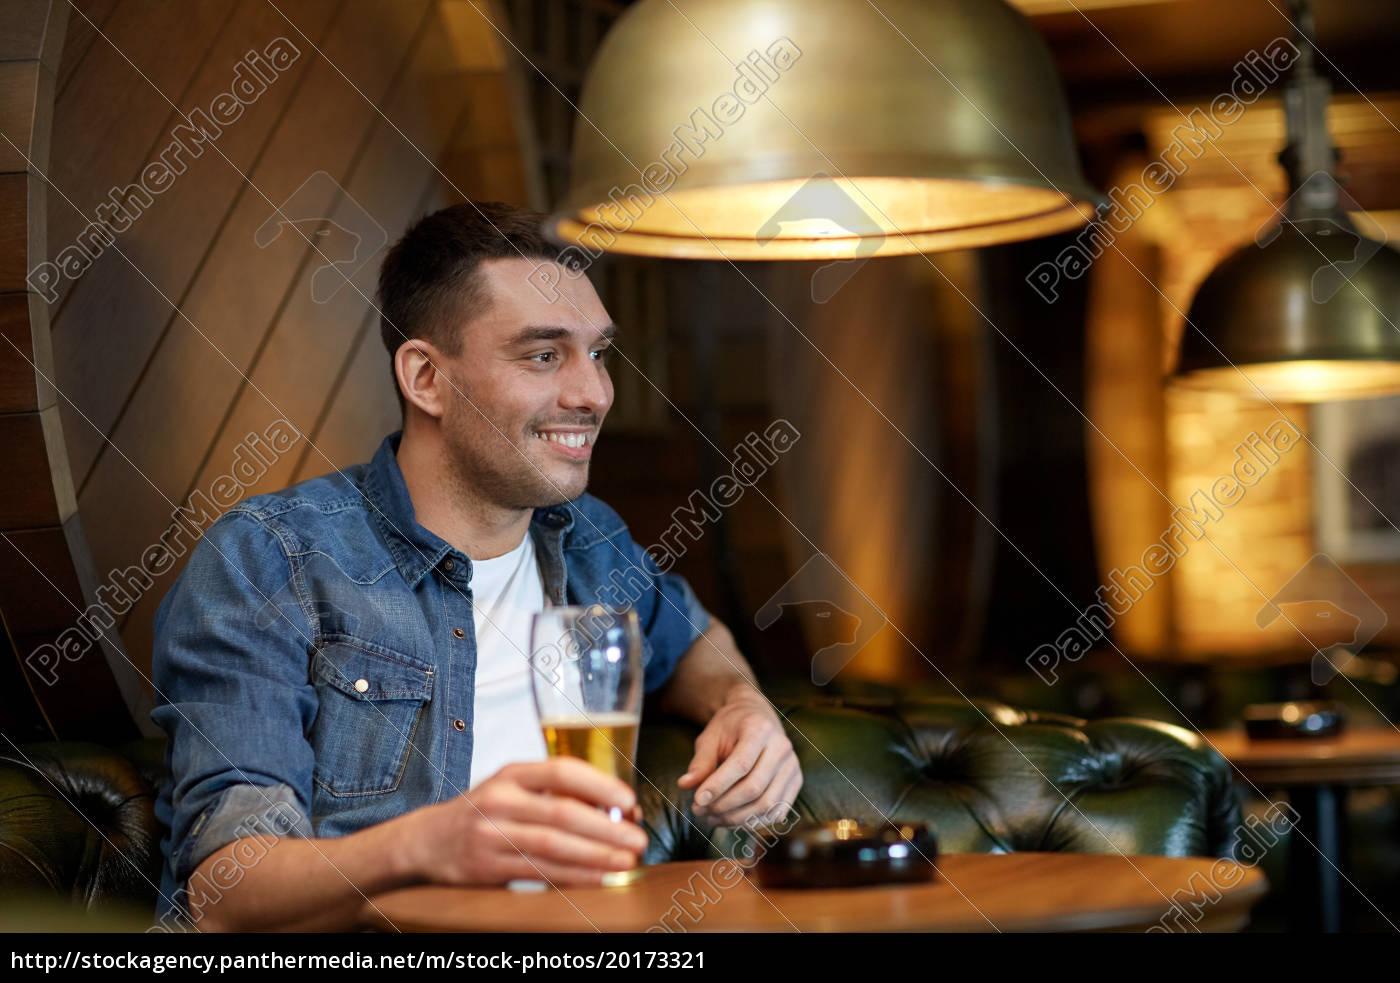 happy, man, drinking, draft, beer, at - 20173321